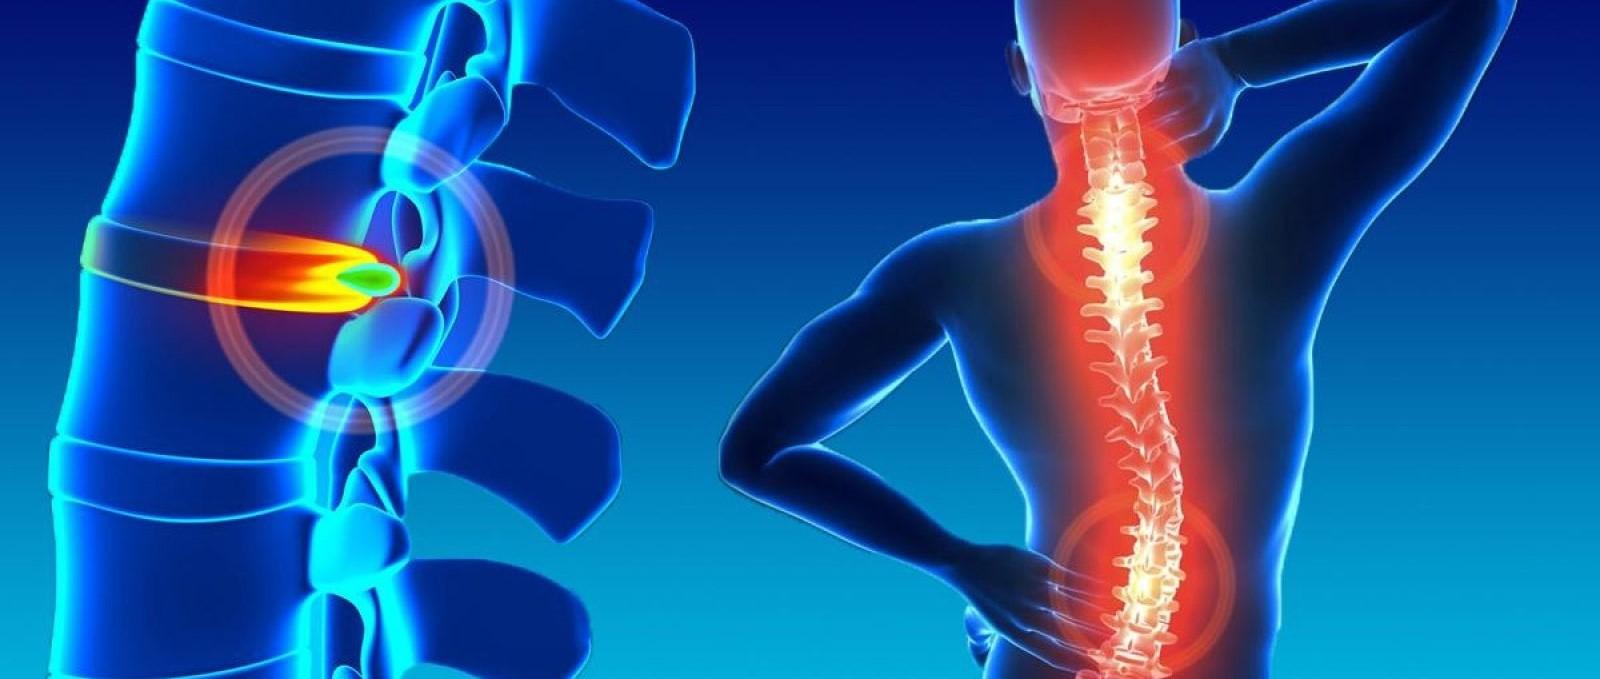 Se estudia cómo regenerar una lesión de médula espinal...